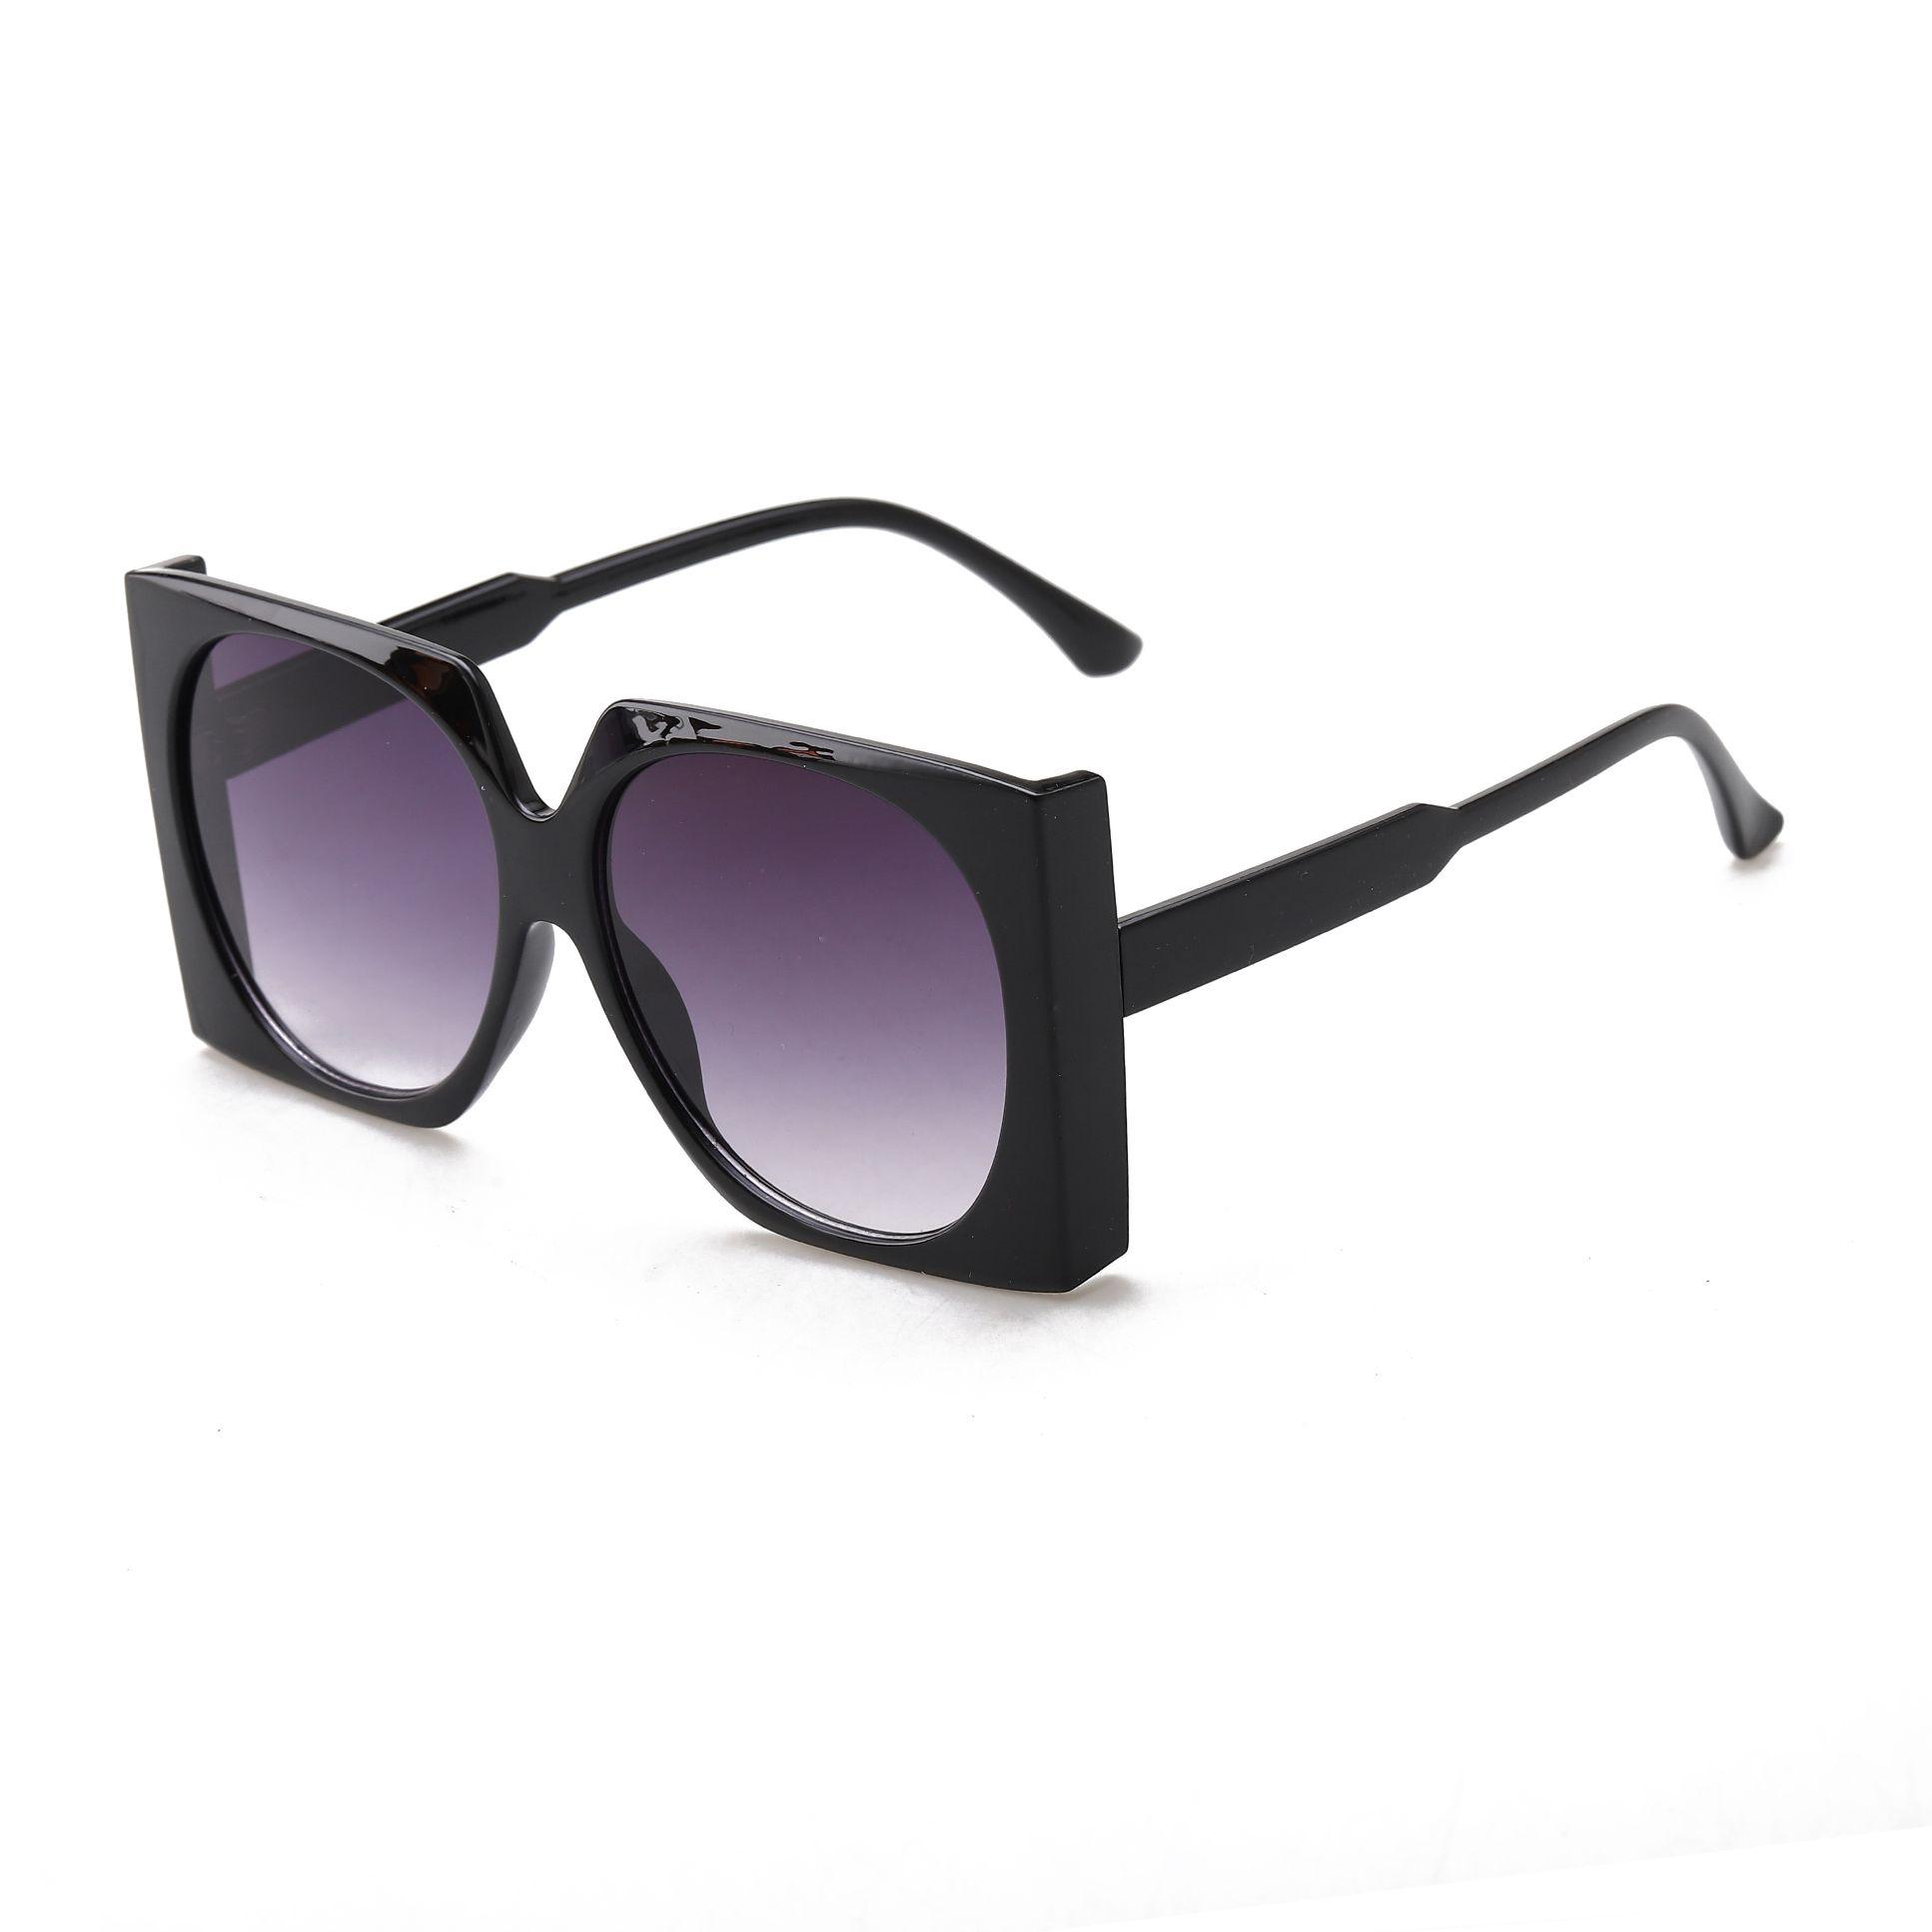 太阳镜 眼镜墨镜男女时尚潮流99050